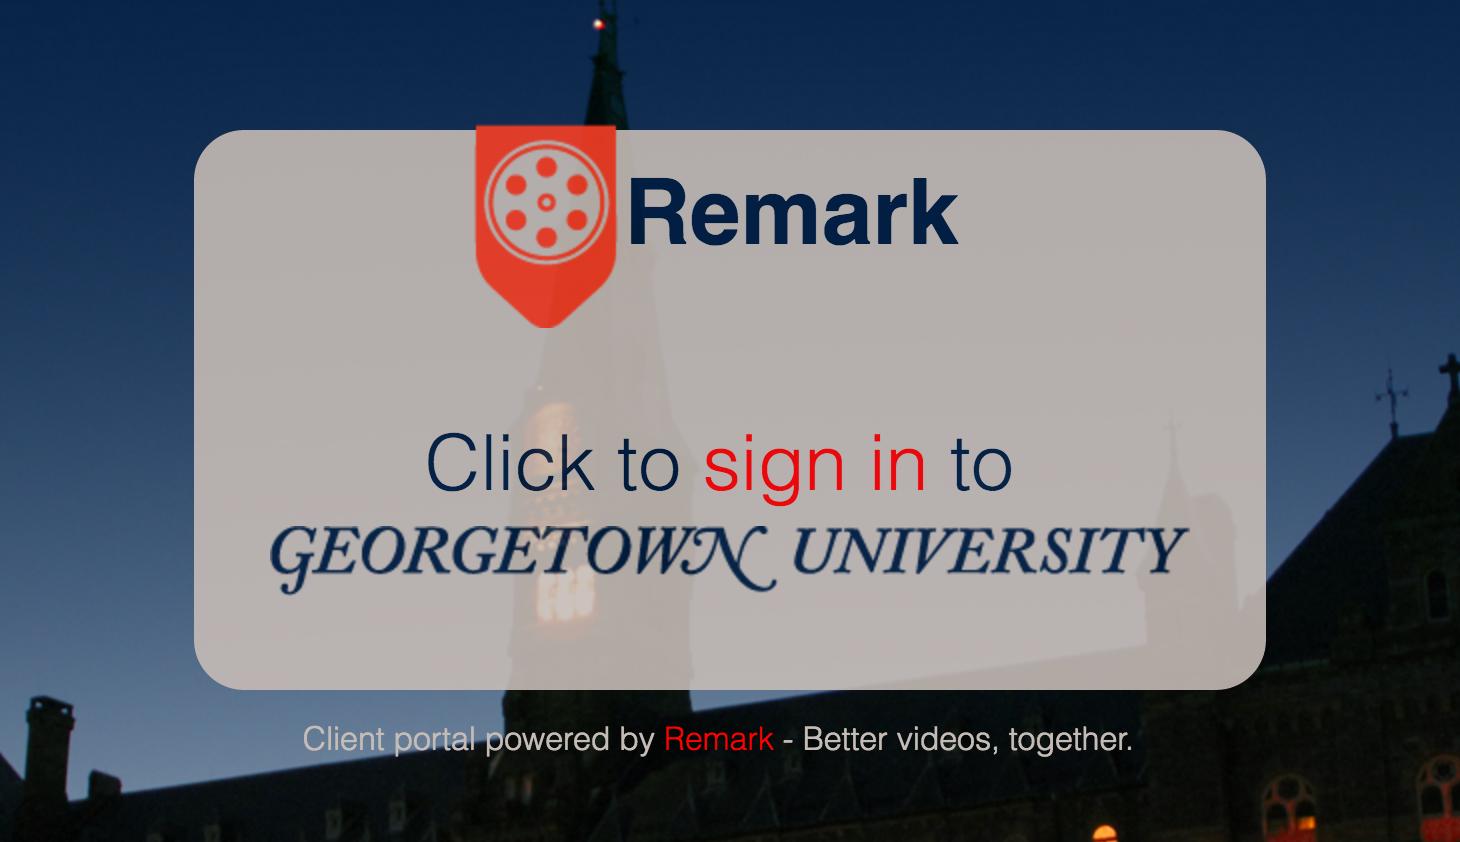 Logging in to remark.georgetown.edu